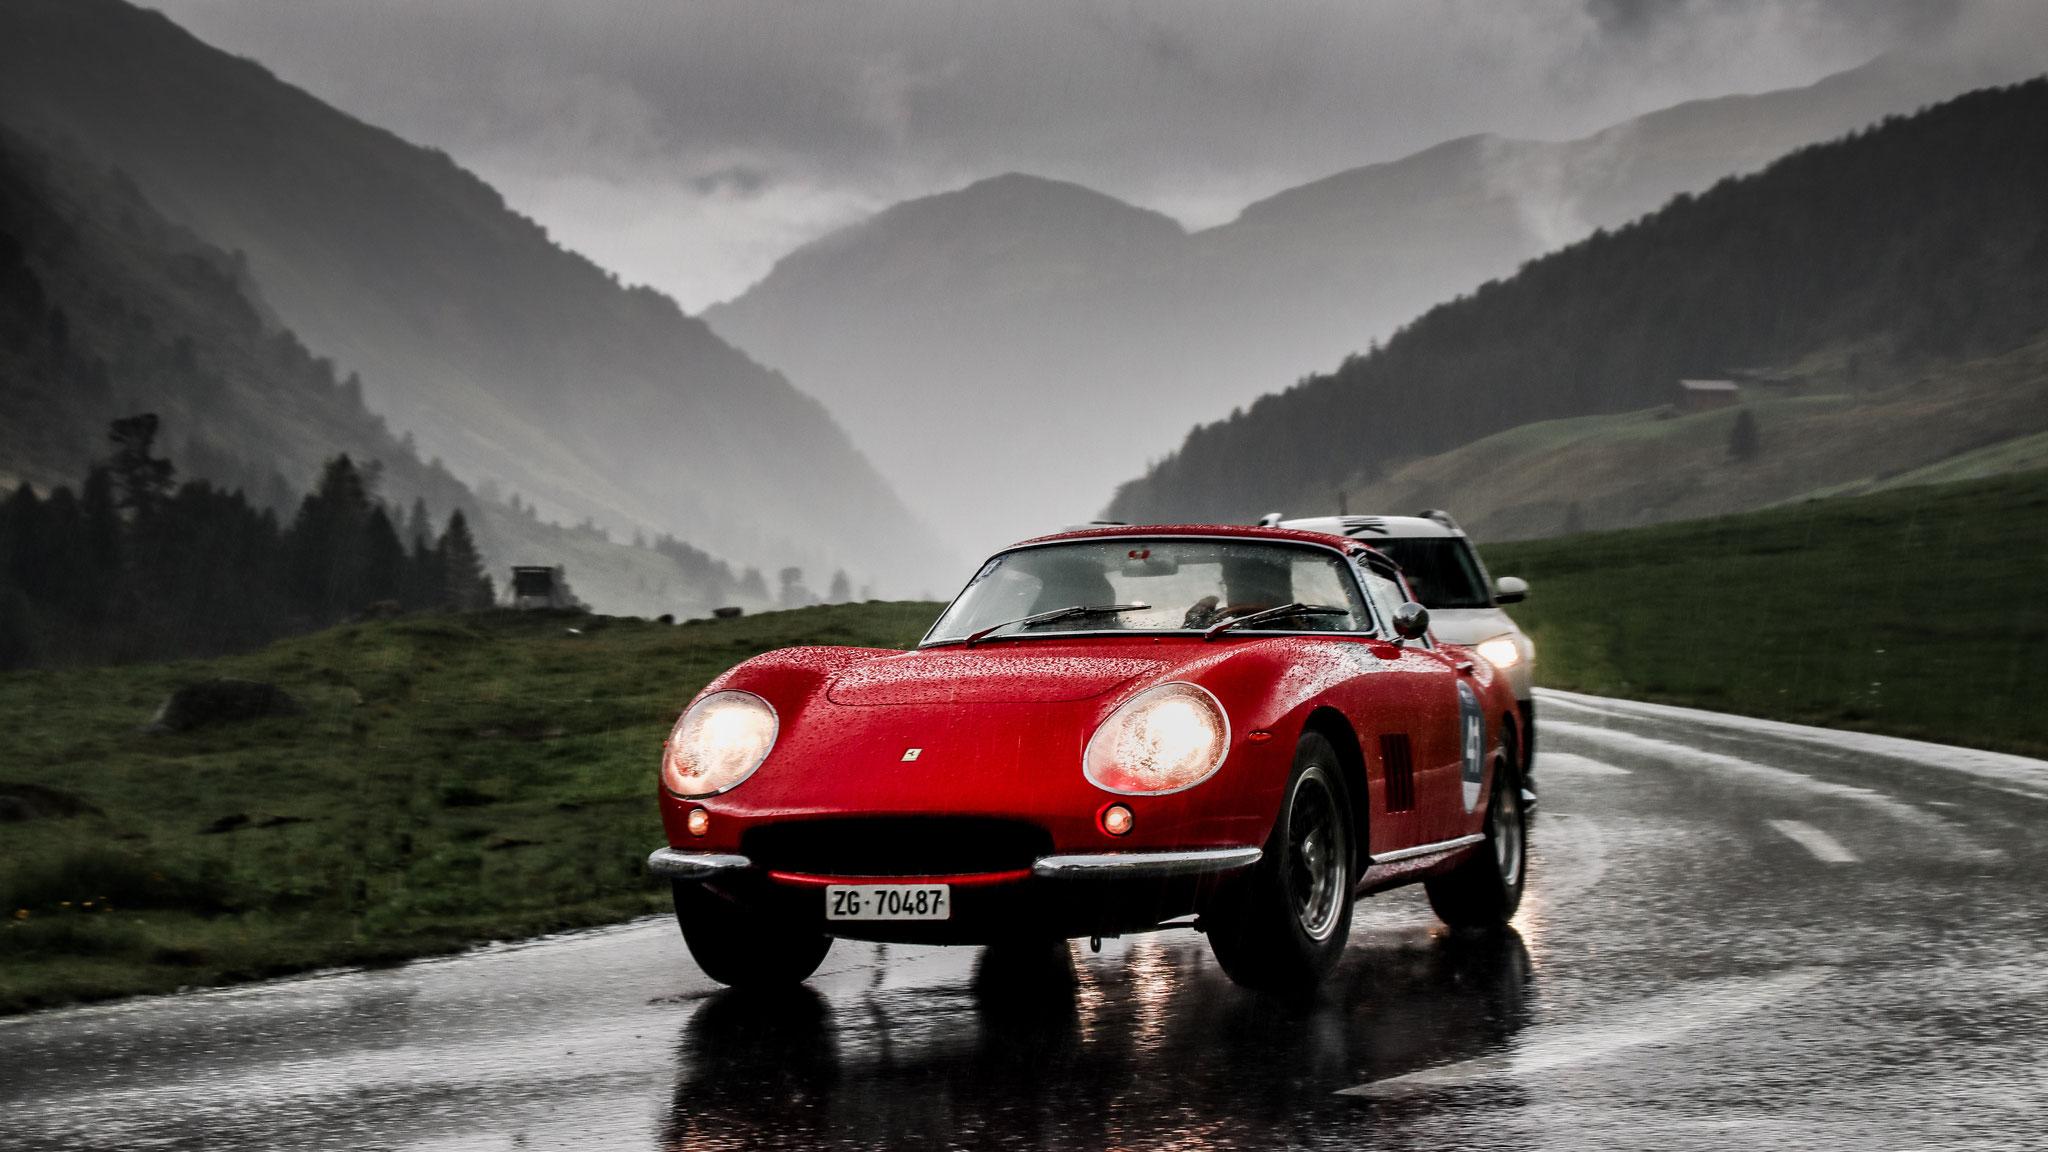 Ferrari 275 GTB Longnose - ZG-70487 (CH)